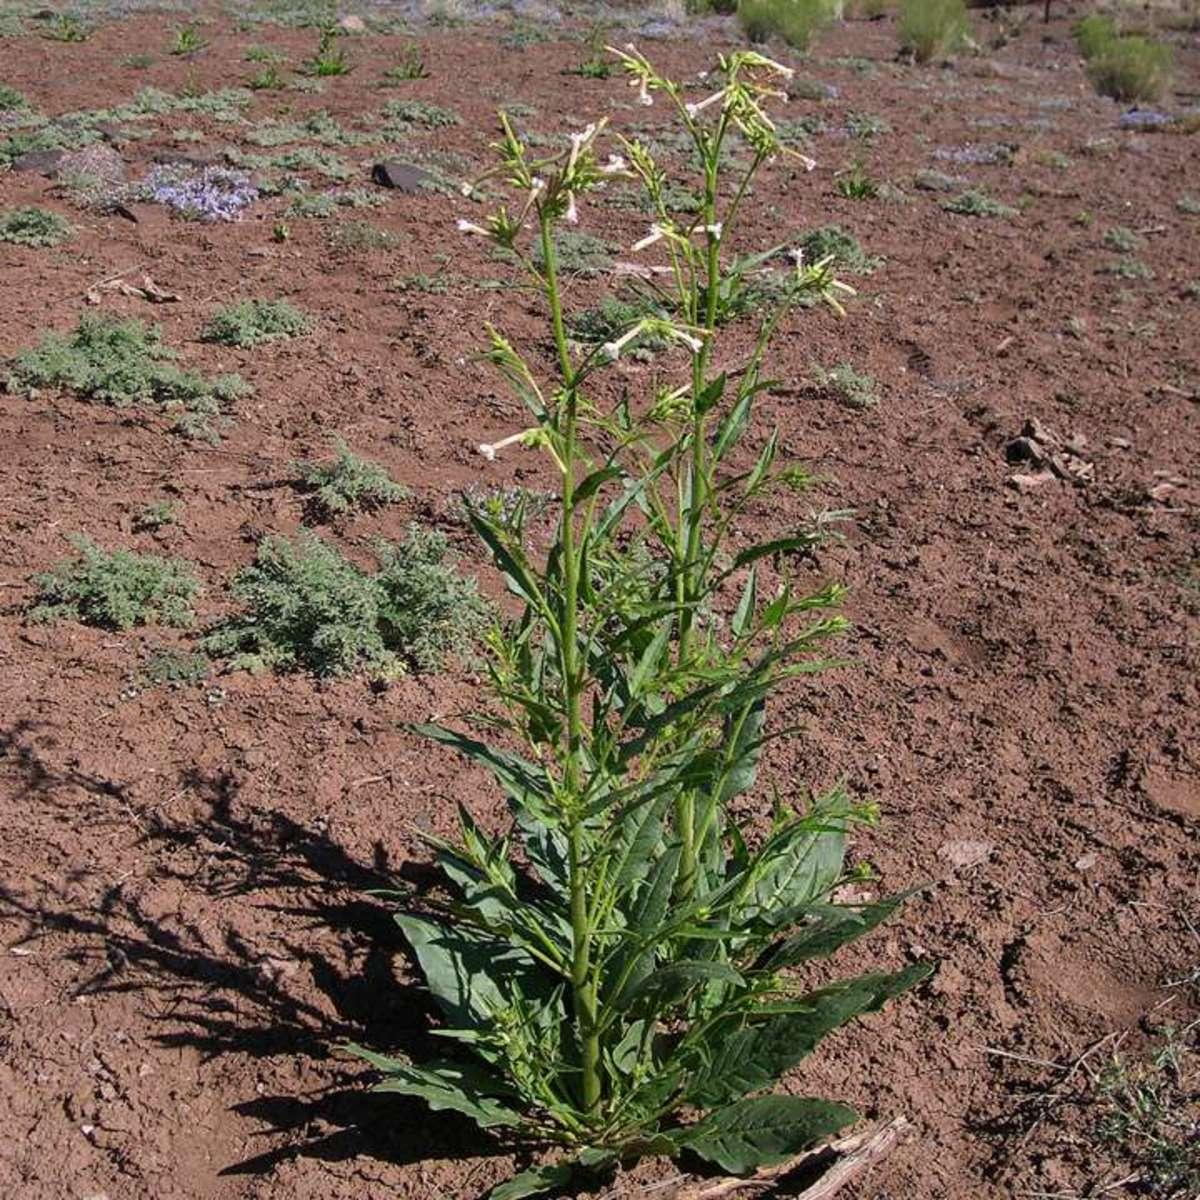 Coyote tobacco, Nicotiana attenuata.